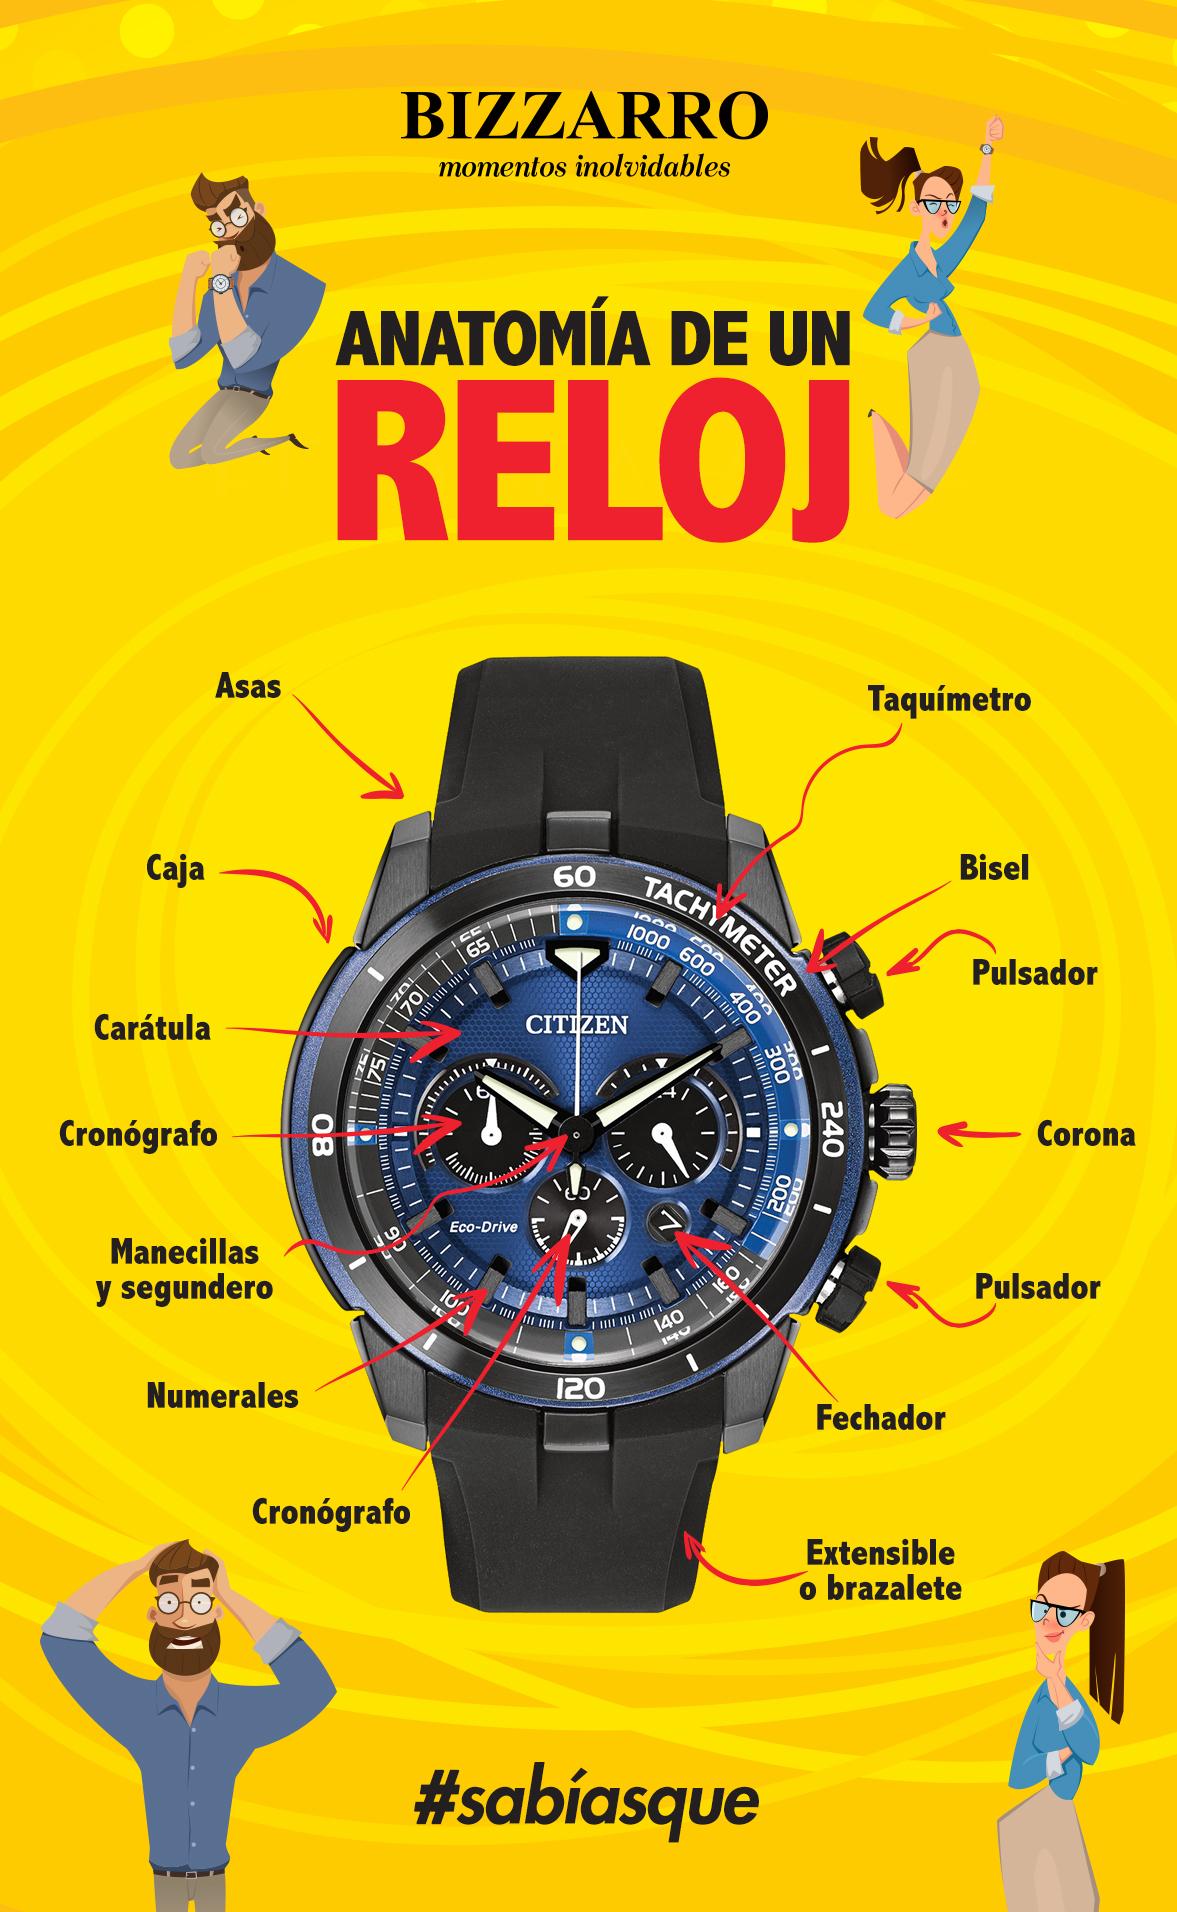 Anatomía básica de un reloj